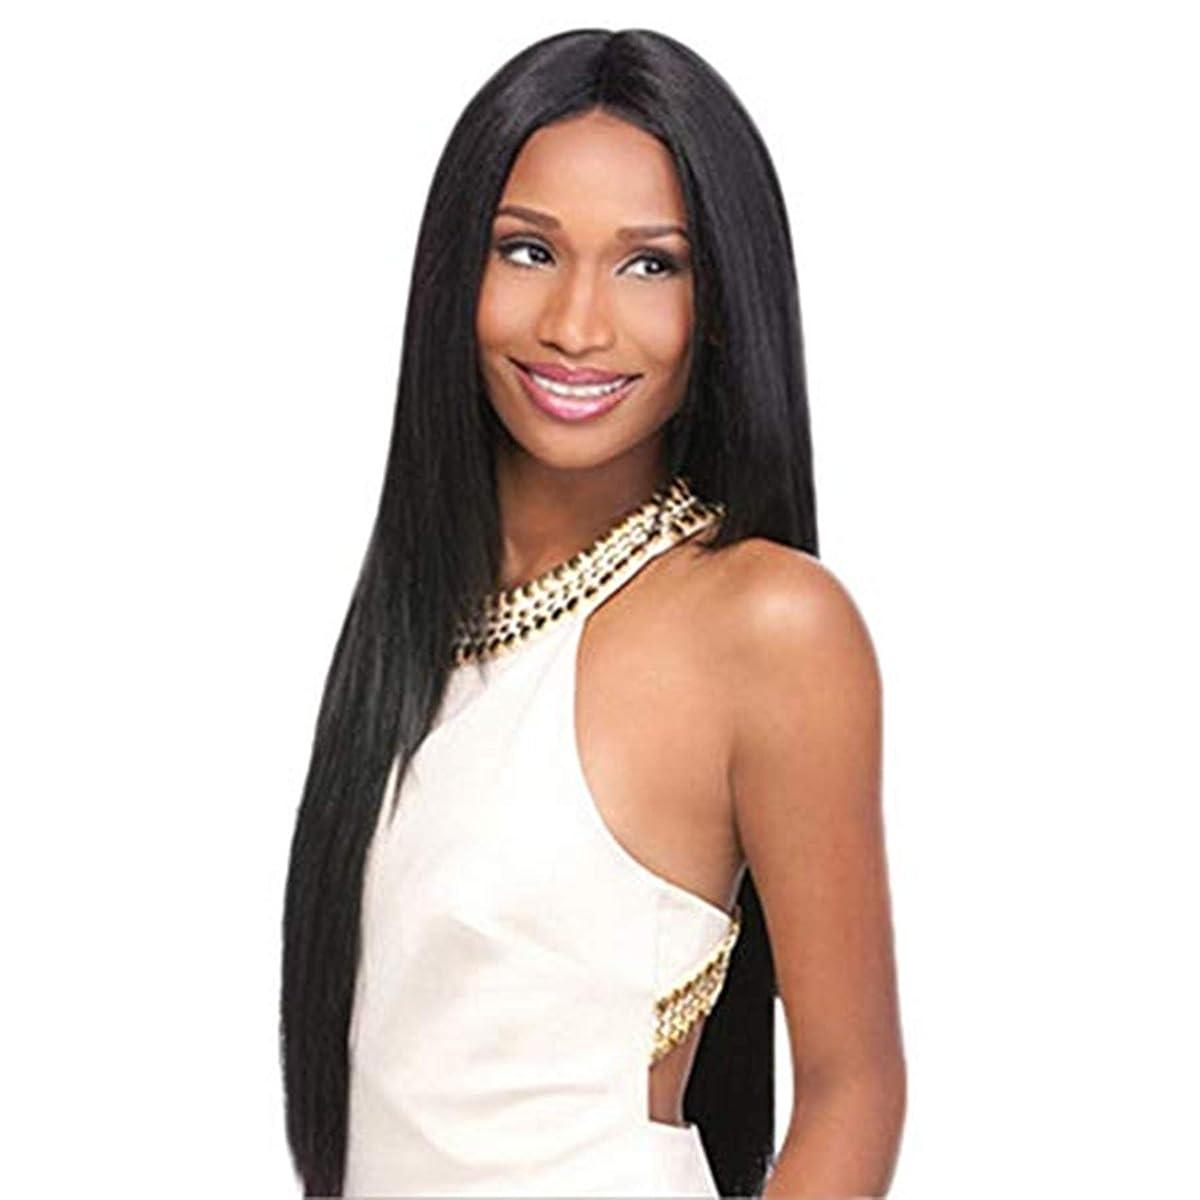 遊びます教え句完全なかつら80CMをしている女性の黒い長いストレートの髪のかつらの役割